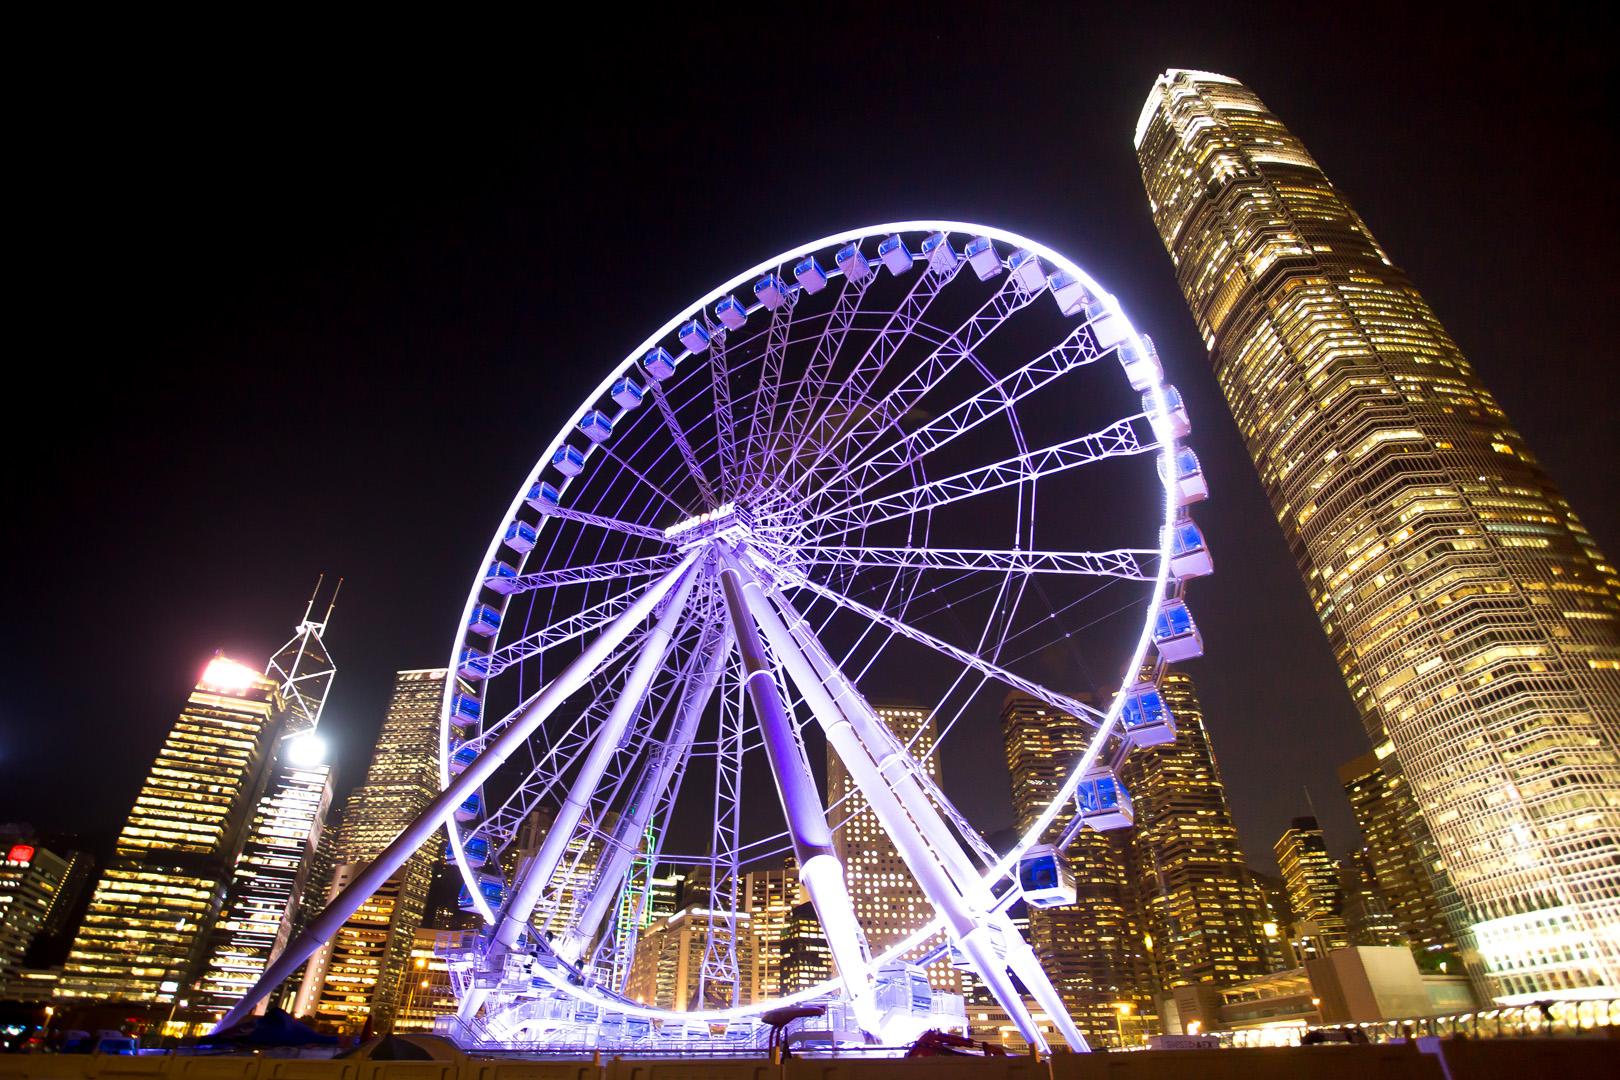 [한번에 두도시] 싱가폴 + 야경이 아름다운 [홍콩] 색다른 4박6일